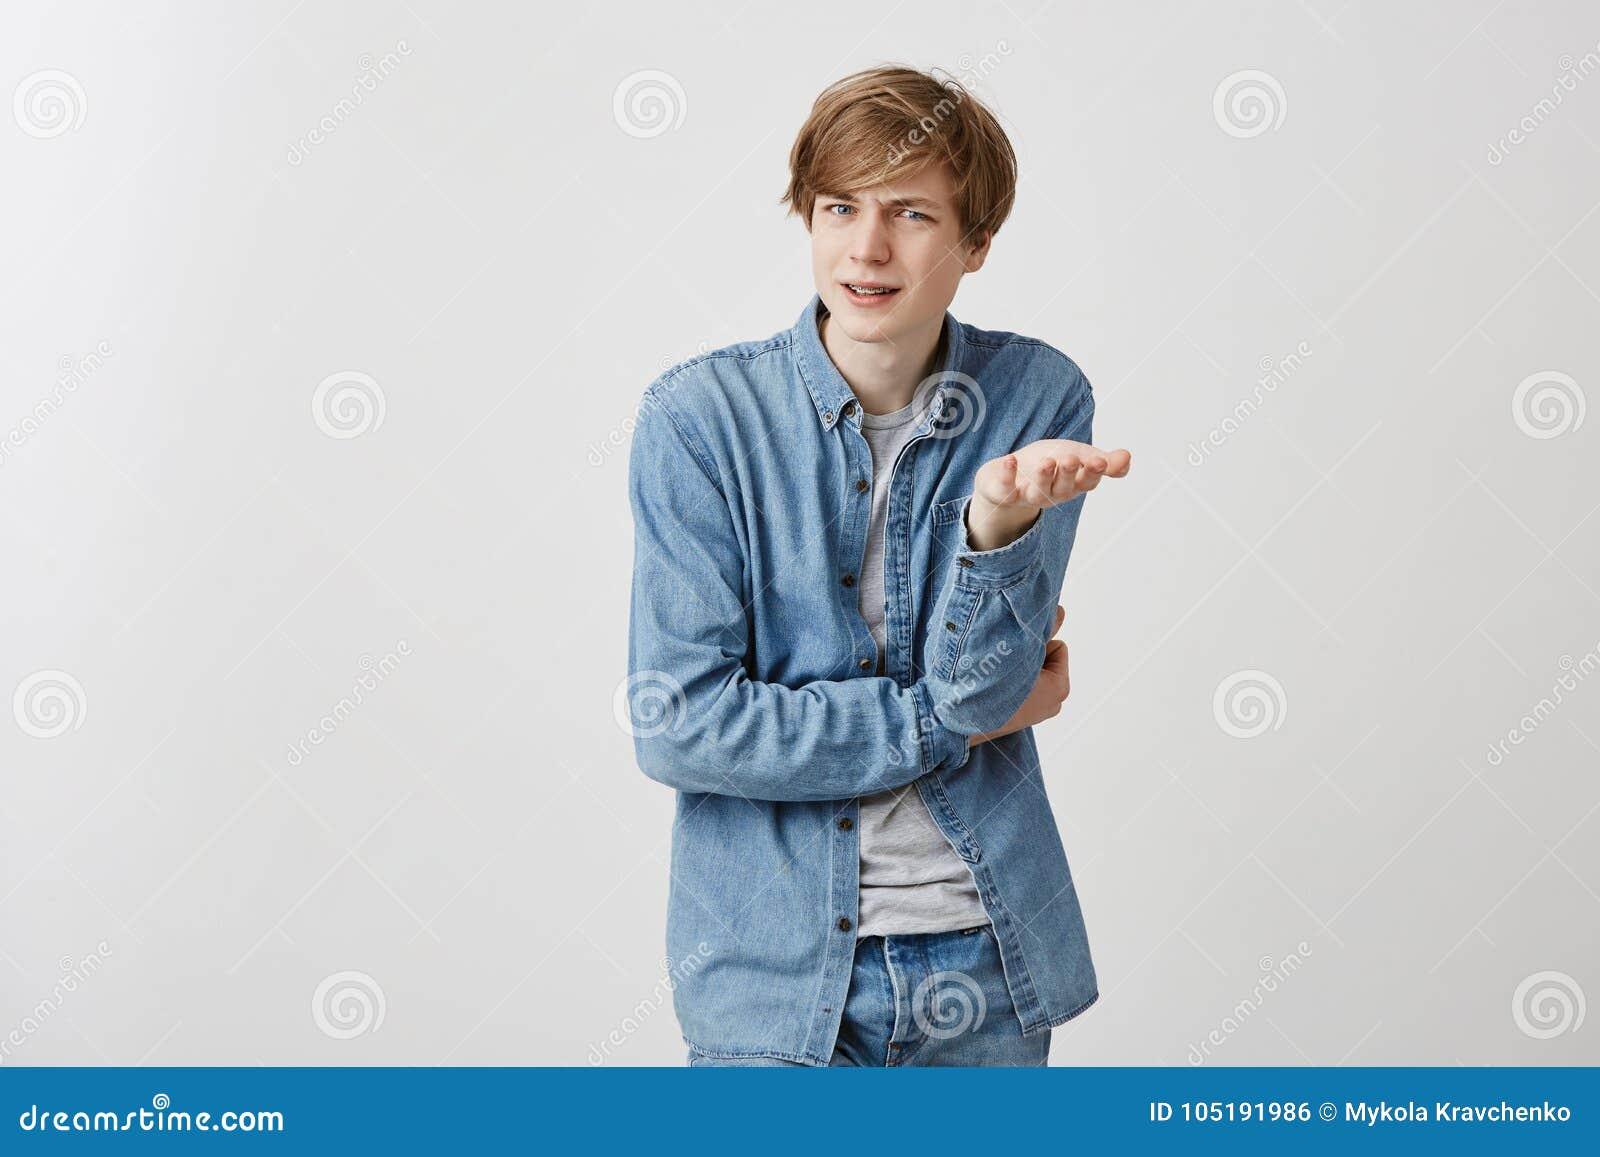 El estudiante masculino joven de pelo rubio enojado confuso gesticula en el desconcierto, expresa emociones negativas como tiene